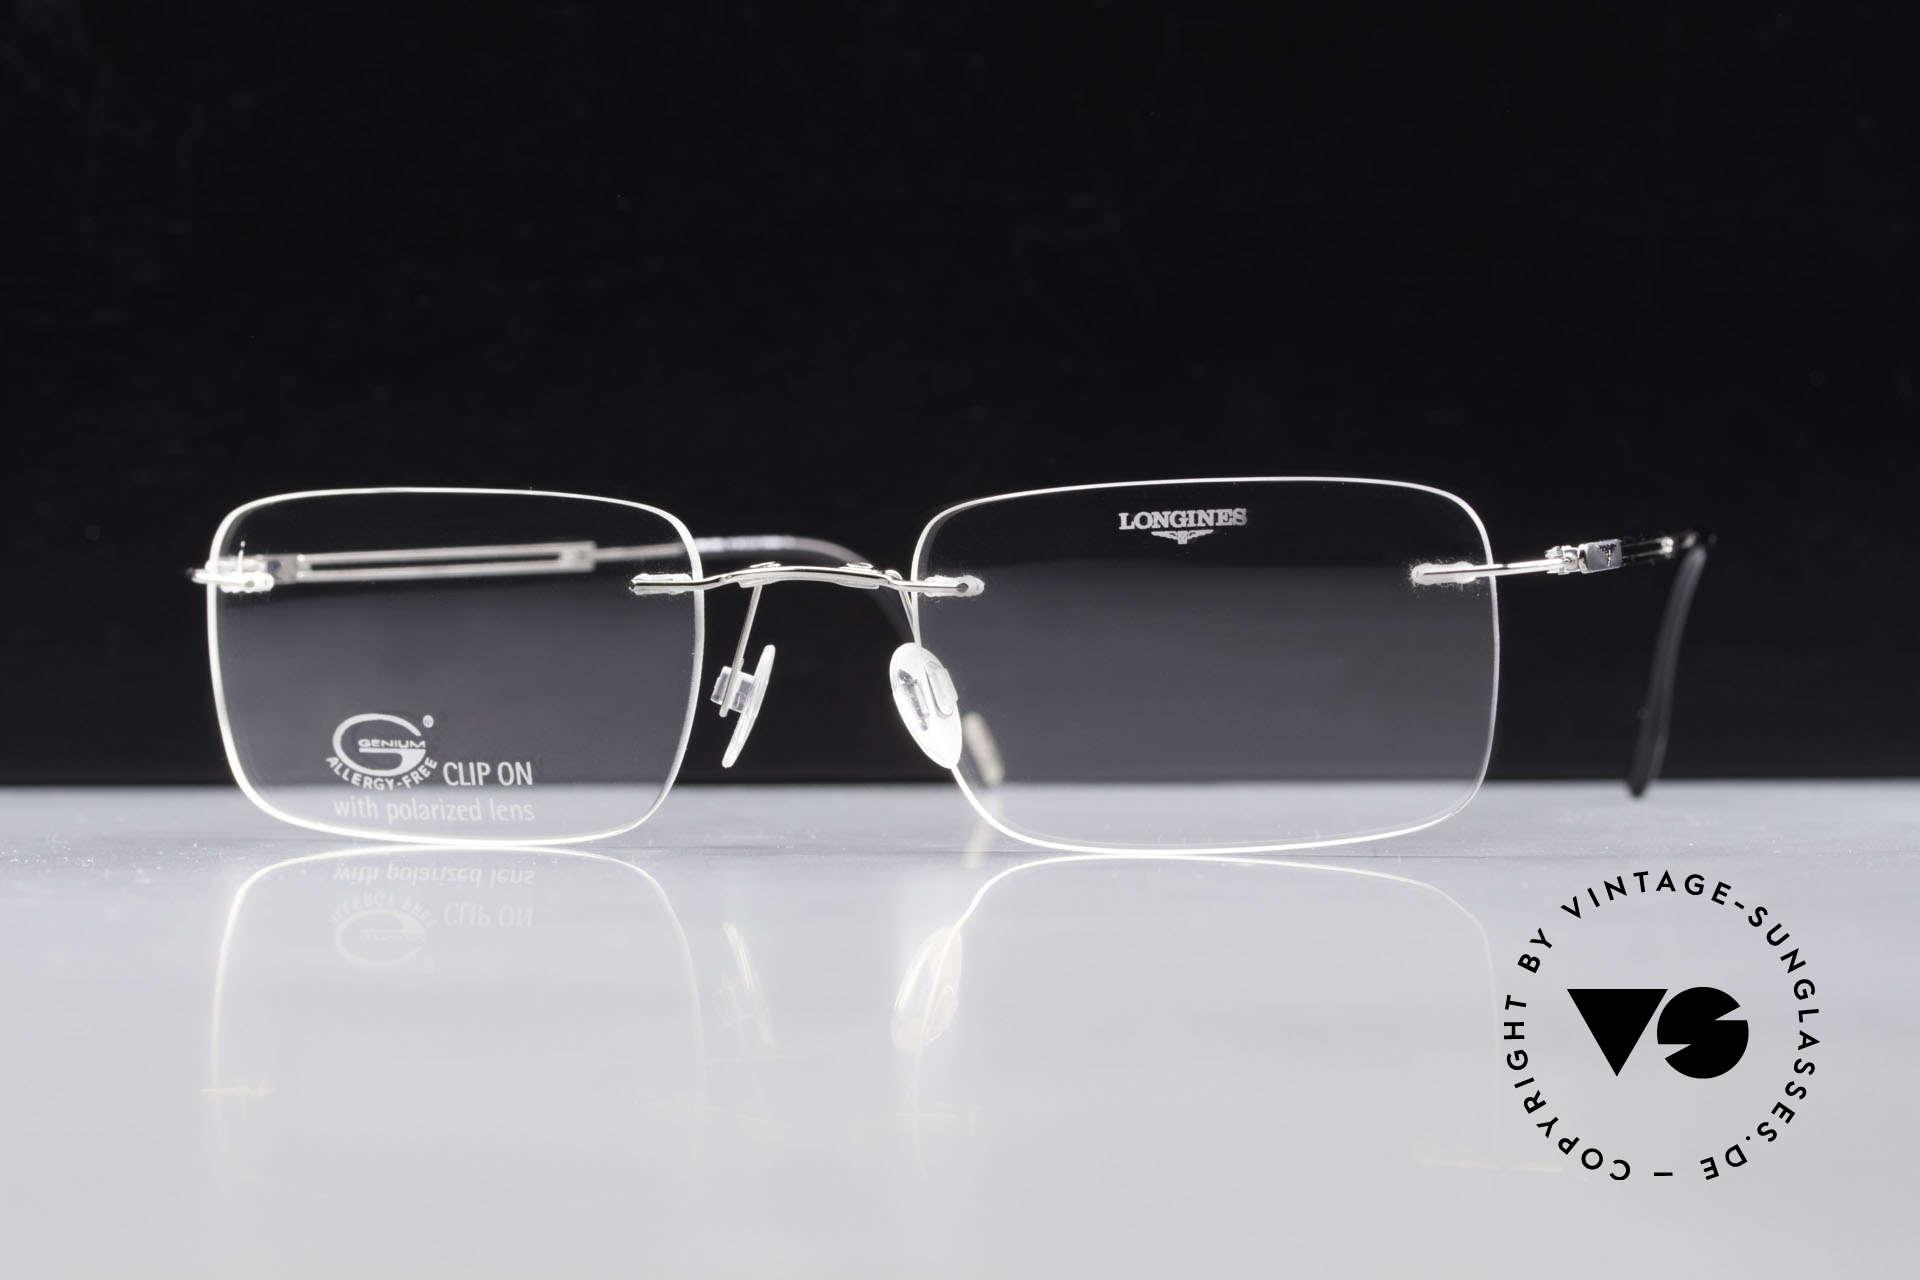 Longines 4367 Randlose Brille Polarisierend, Sonnen-Clip mit POLARisierenden Gläsern (100% UV), Passend für Herren